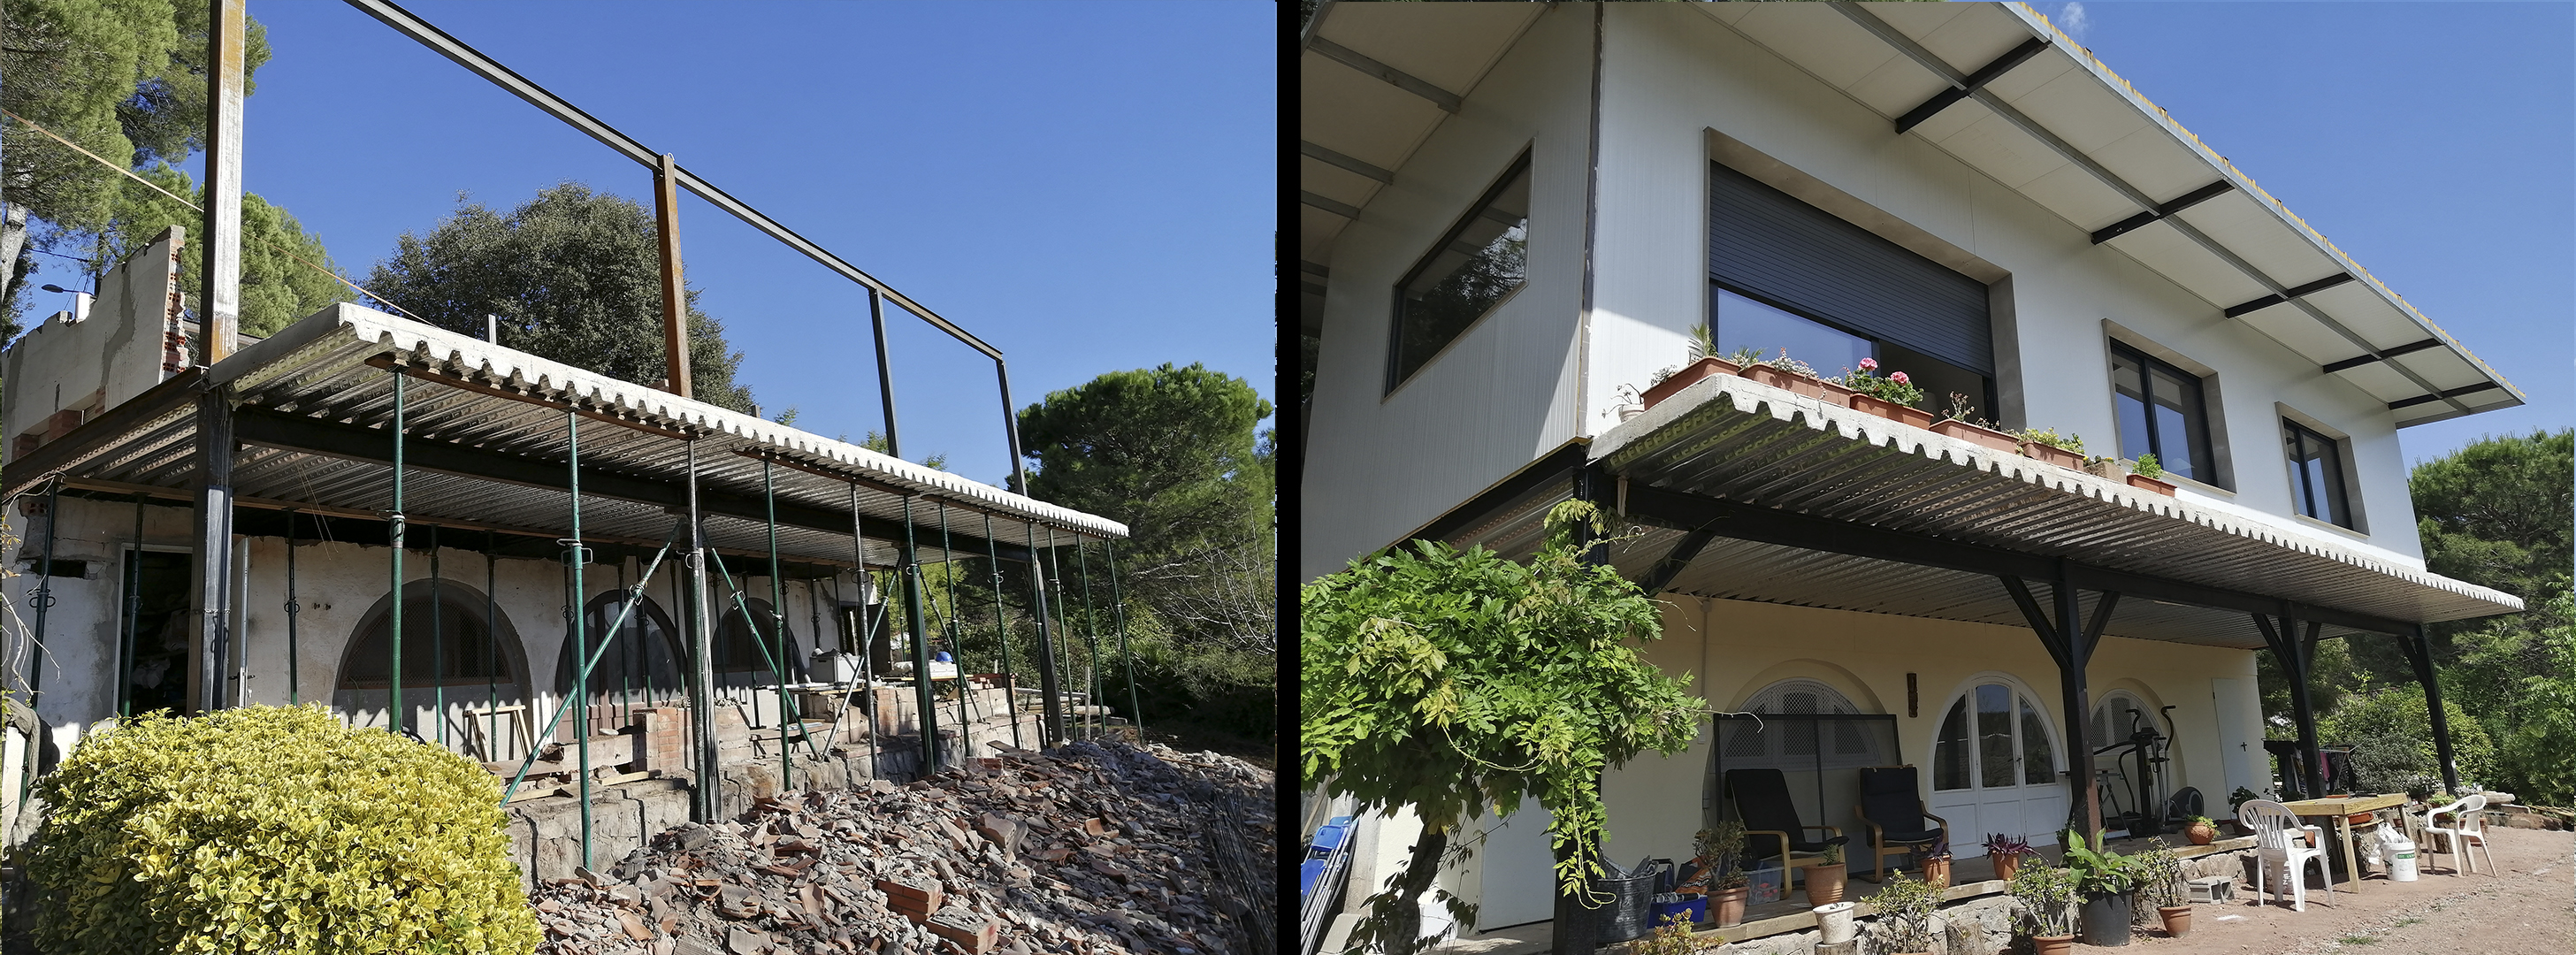 antes y despues estructura paneles